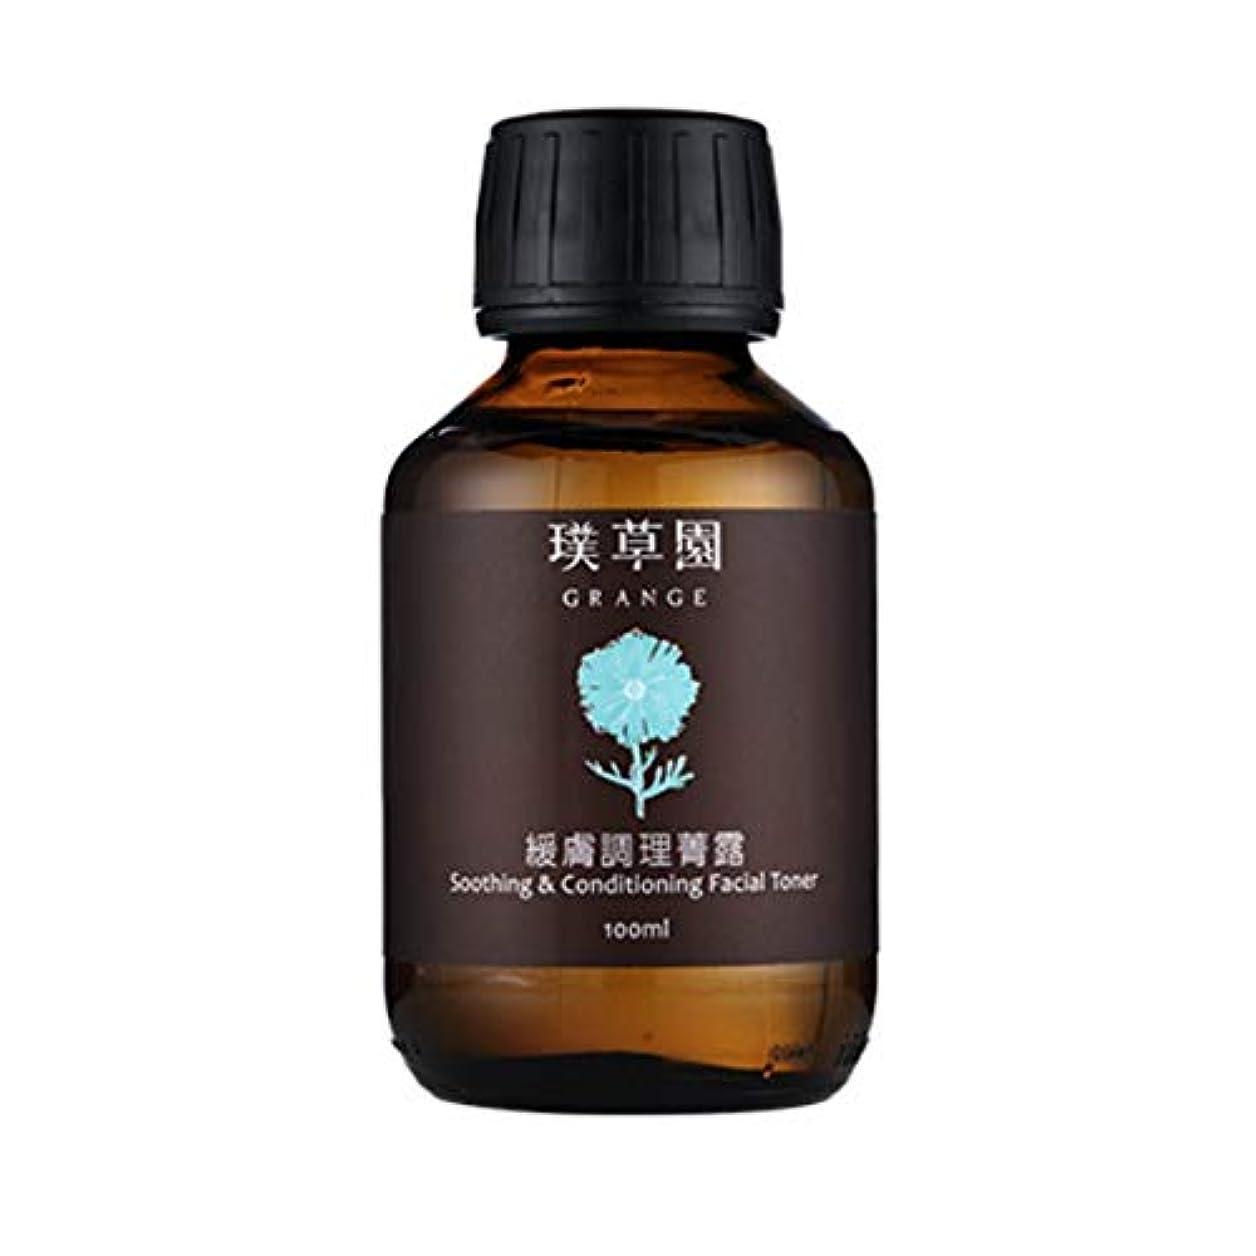 オーガニック 化粧水 GRANGE(グレンジ) スージング&コンディショニングフェイシャルトナー 100ml 「 無添加 高保湿 」